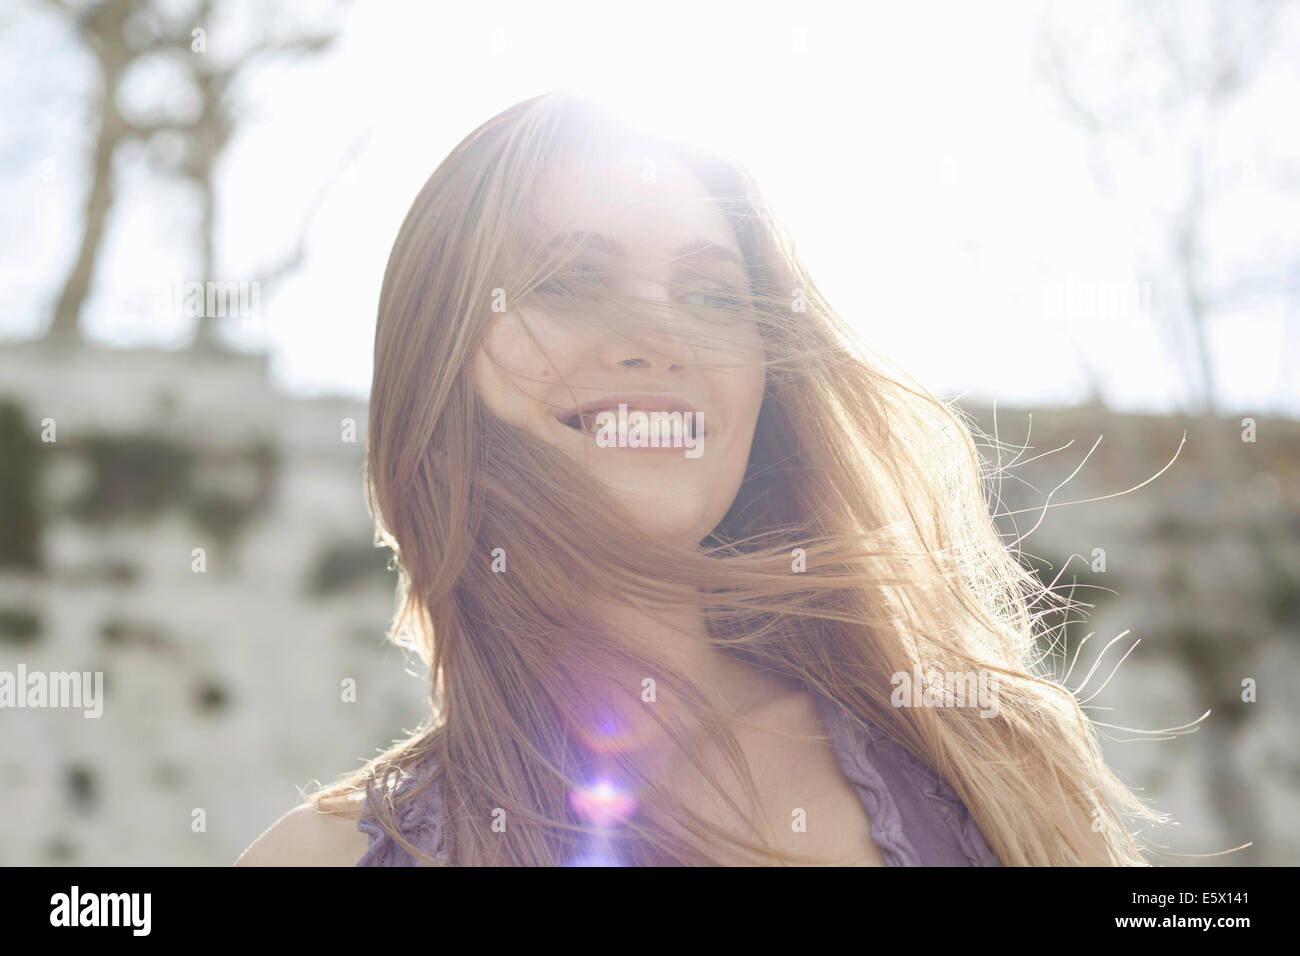 Jeune femme heureuse dans la lumière du soleil, les cheveux sur le visage Photo Stock